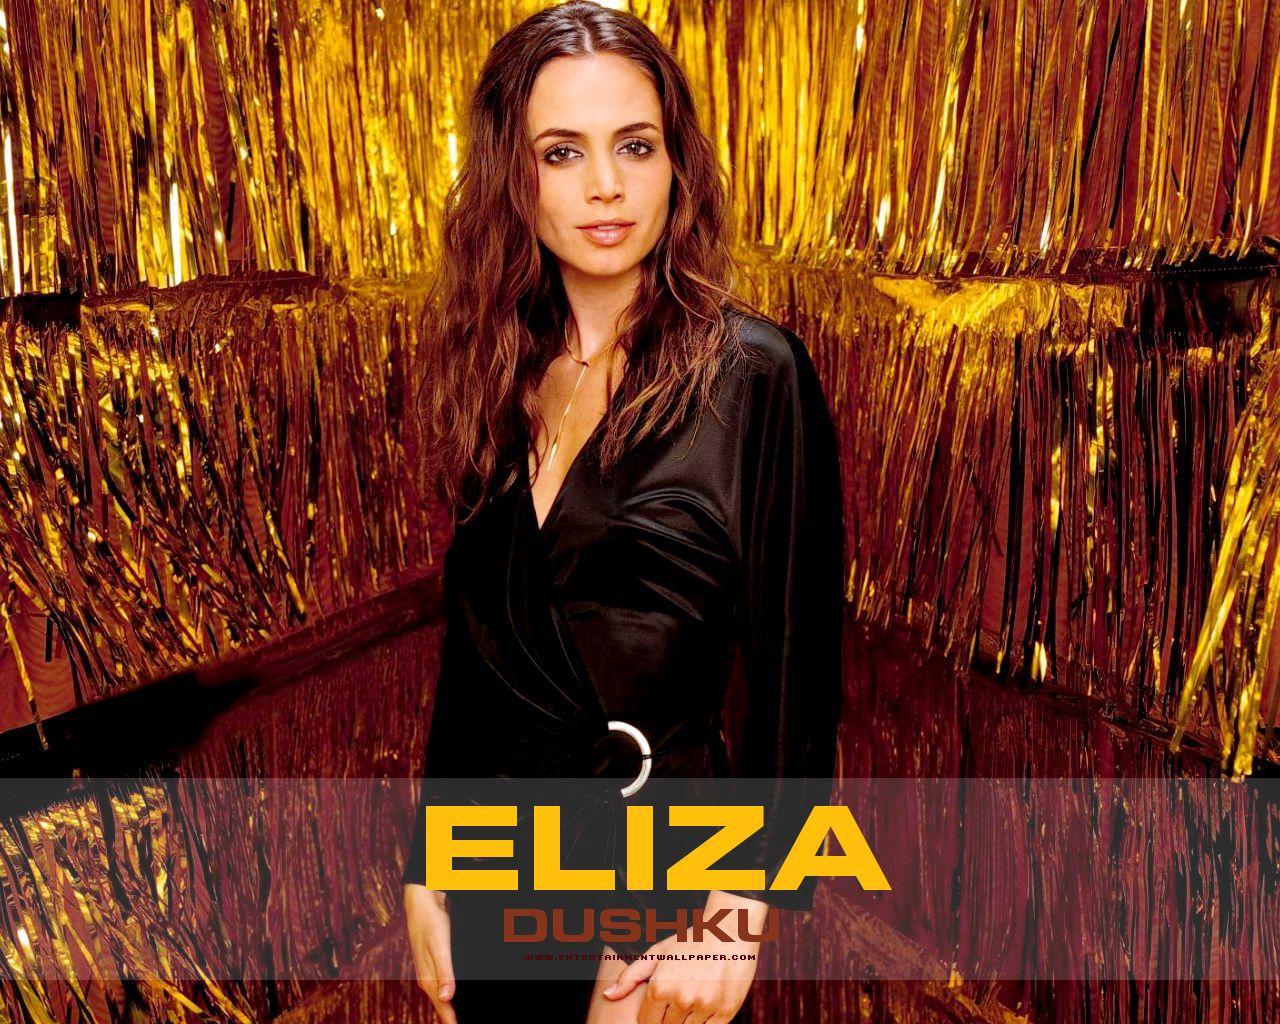 BCW/GOLD nominado Eliza-Dushku-eliza-dushku-834787_1280_1024